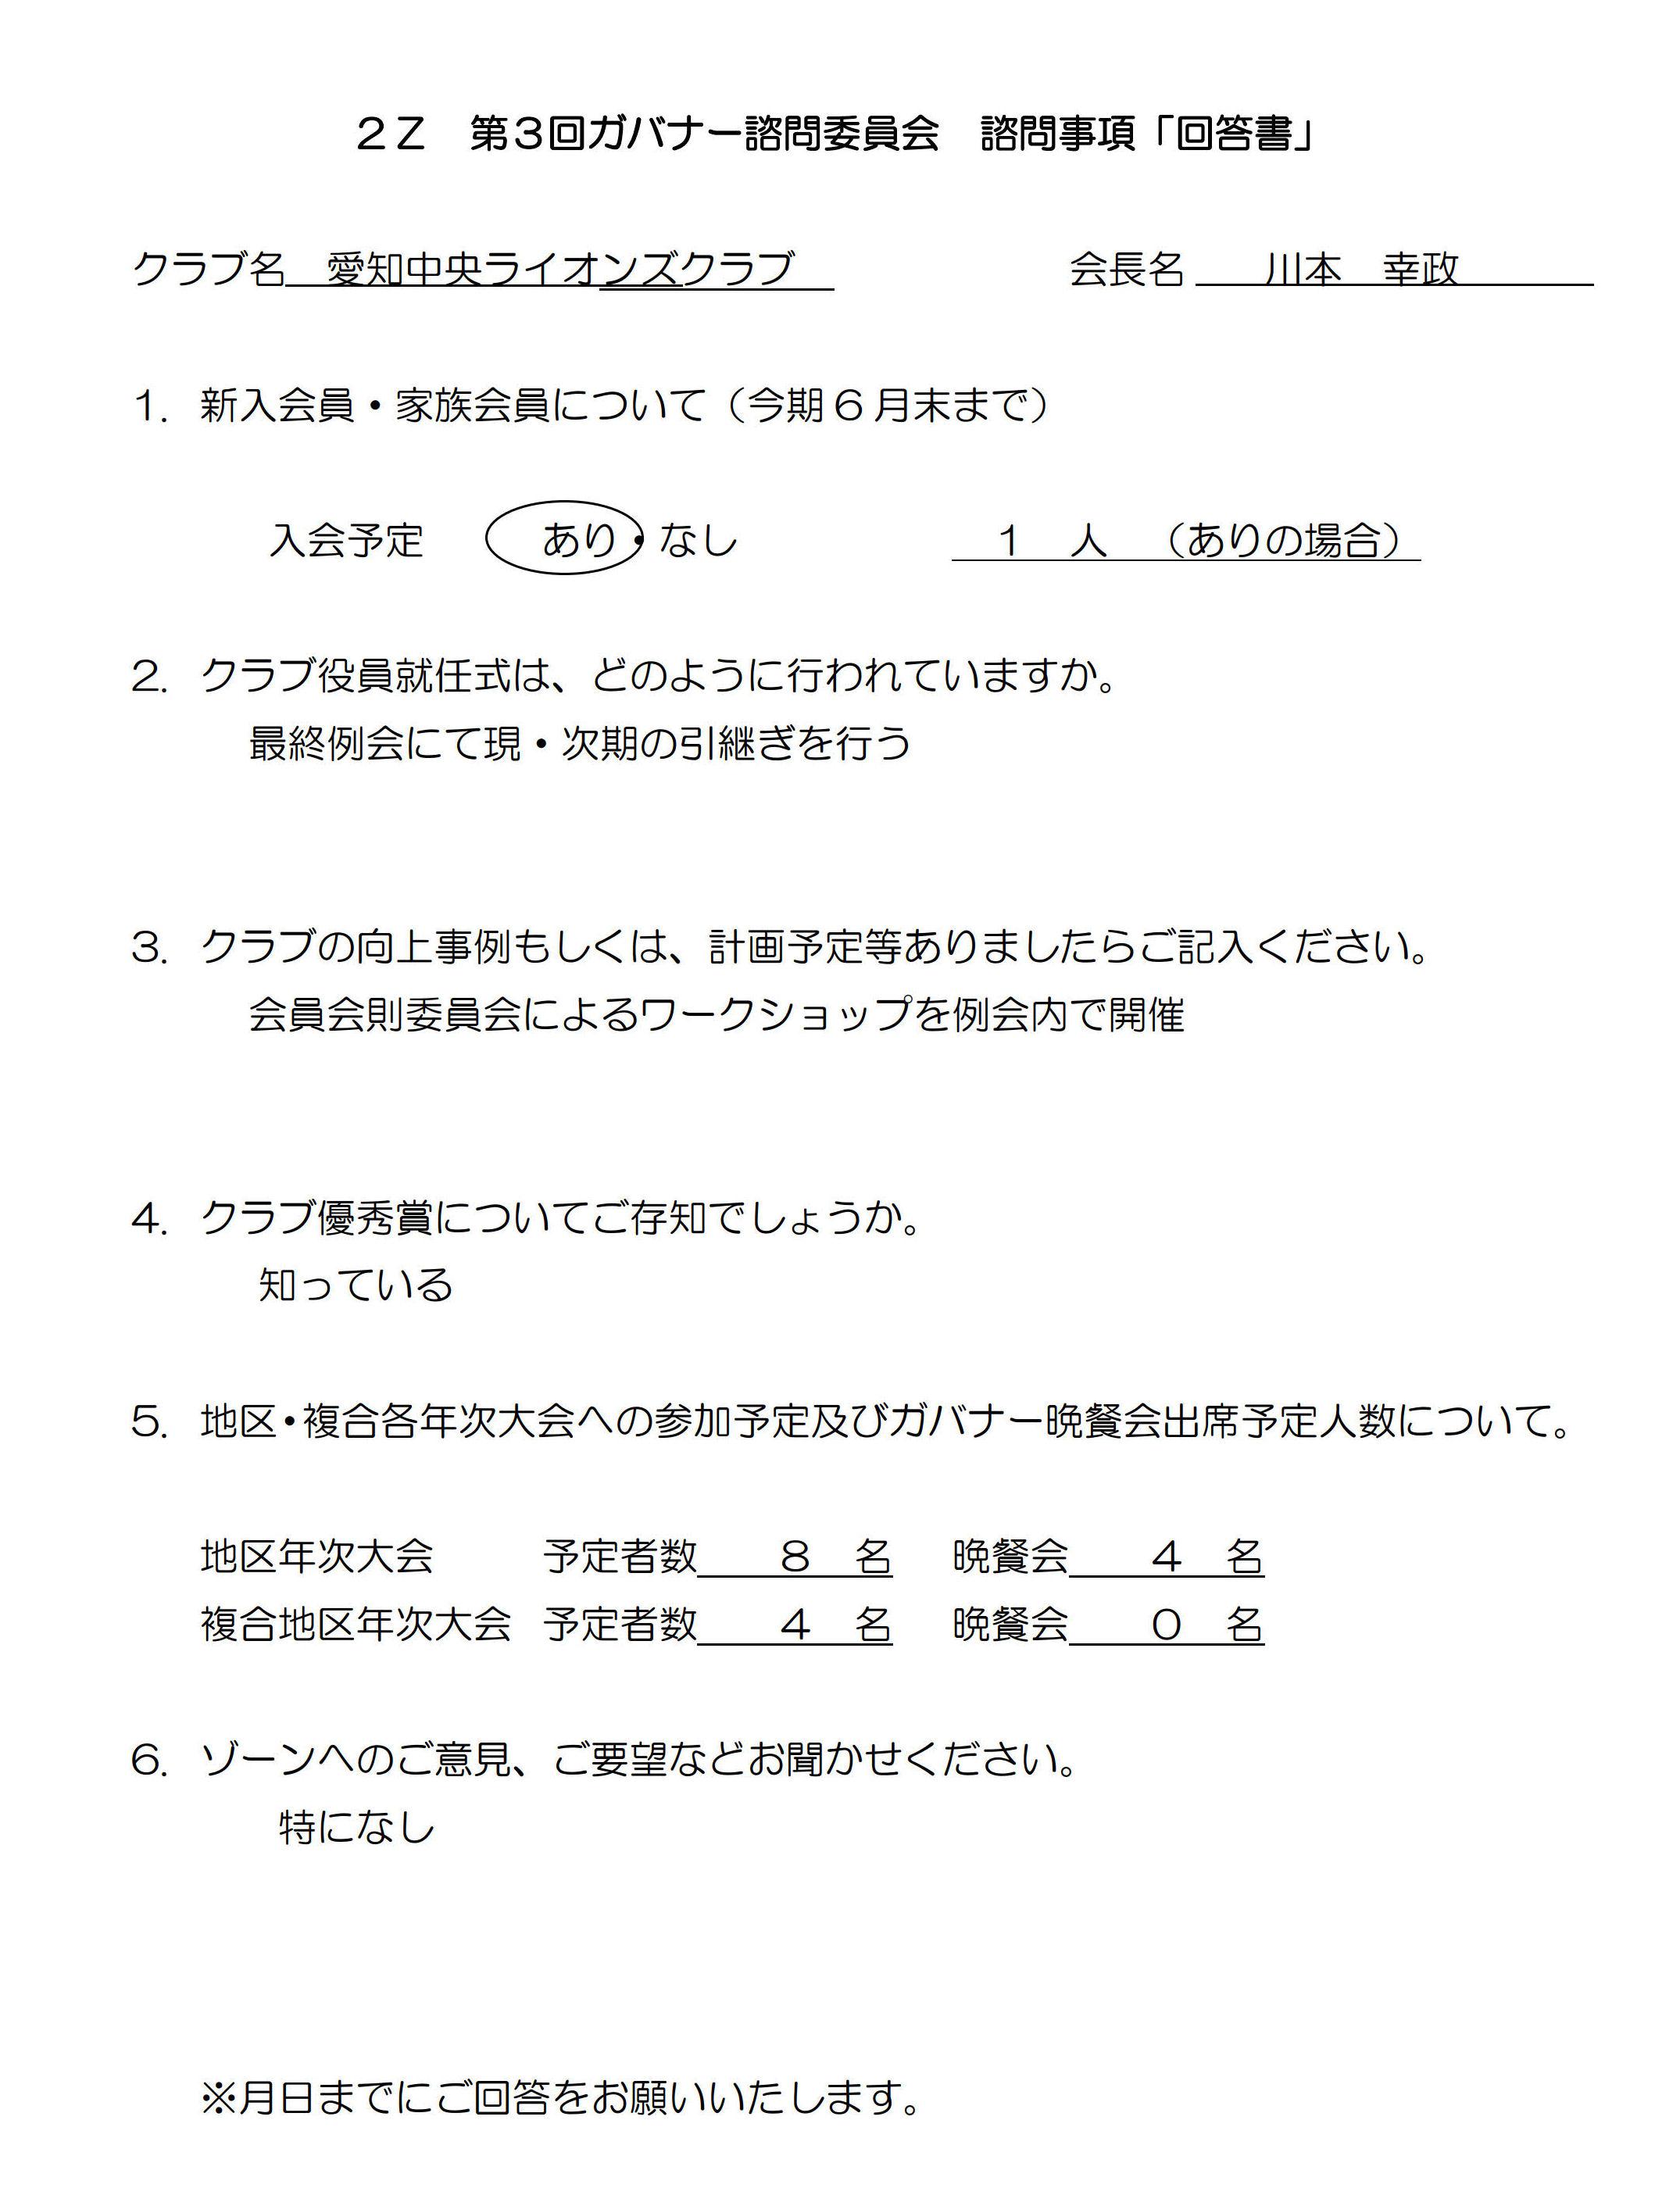 006,愛知中央第3回ガバナー諮問委員会諮問事項(2019)愛知中央LC1